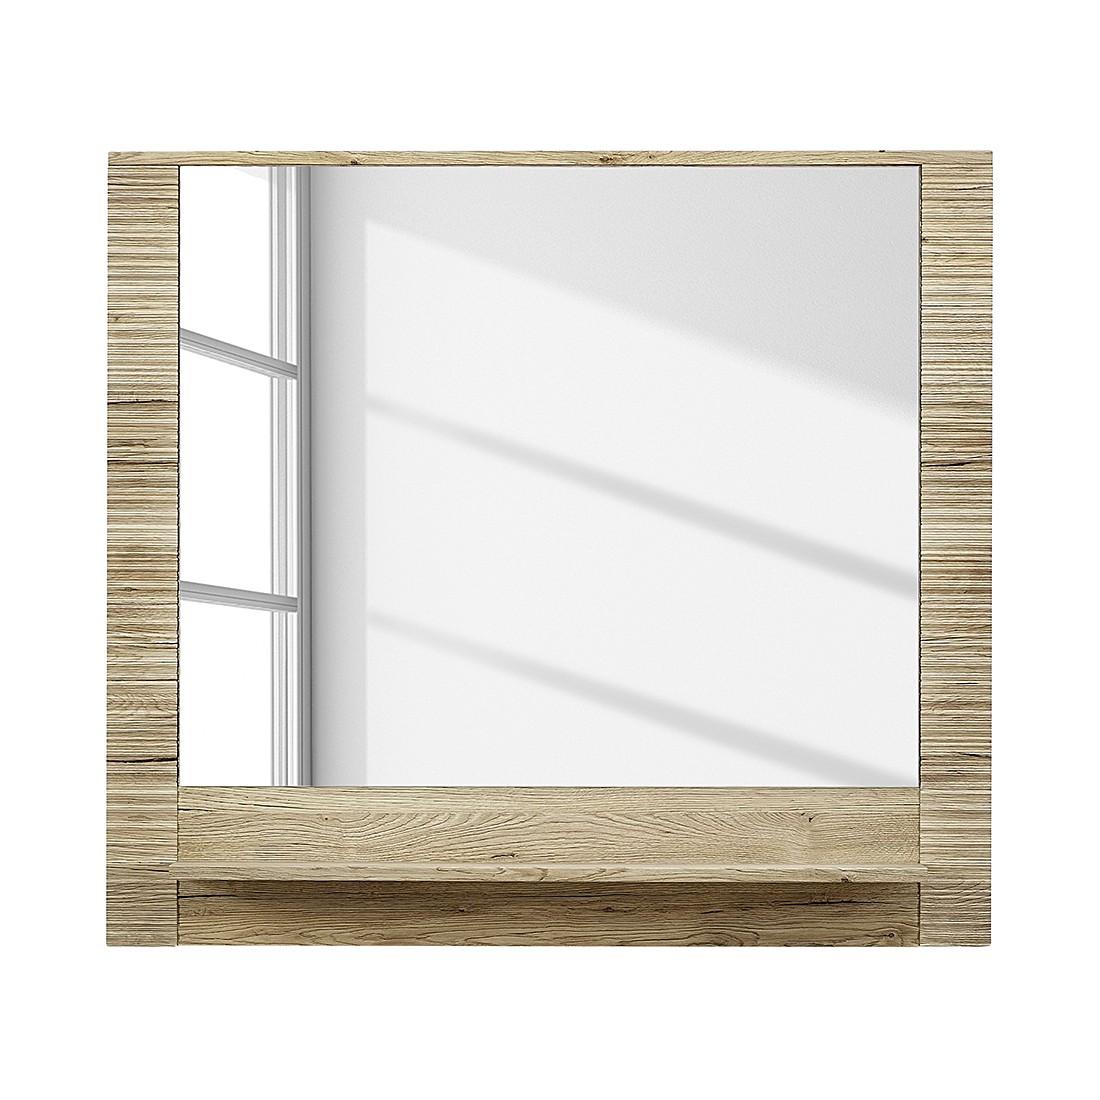 spiegel rowdy eiche sanremo dekor modoform g nstig kaufen. Black Bedroom Furniture Sets. Home Design Ideas